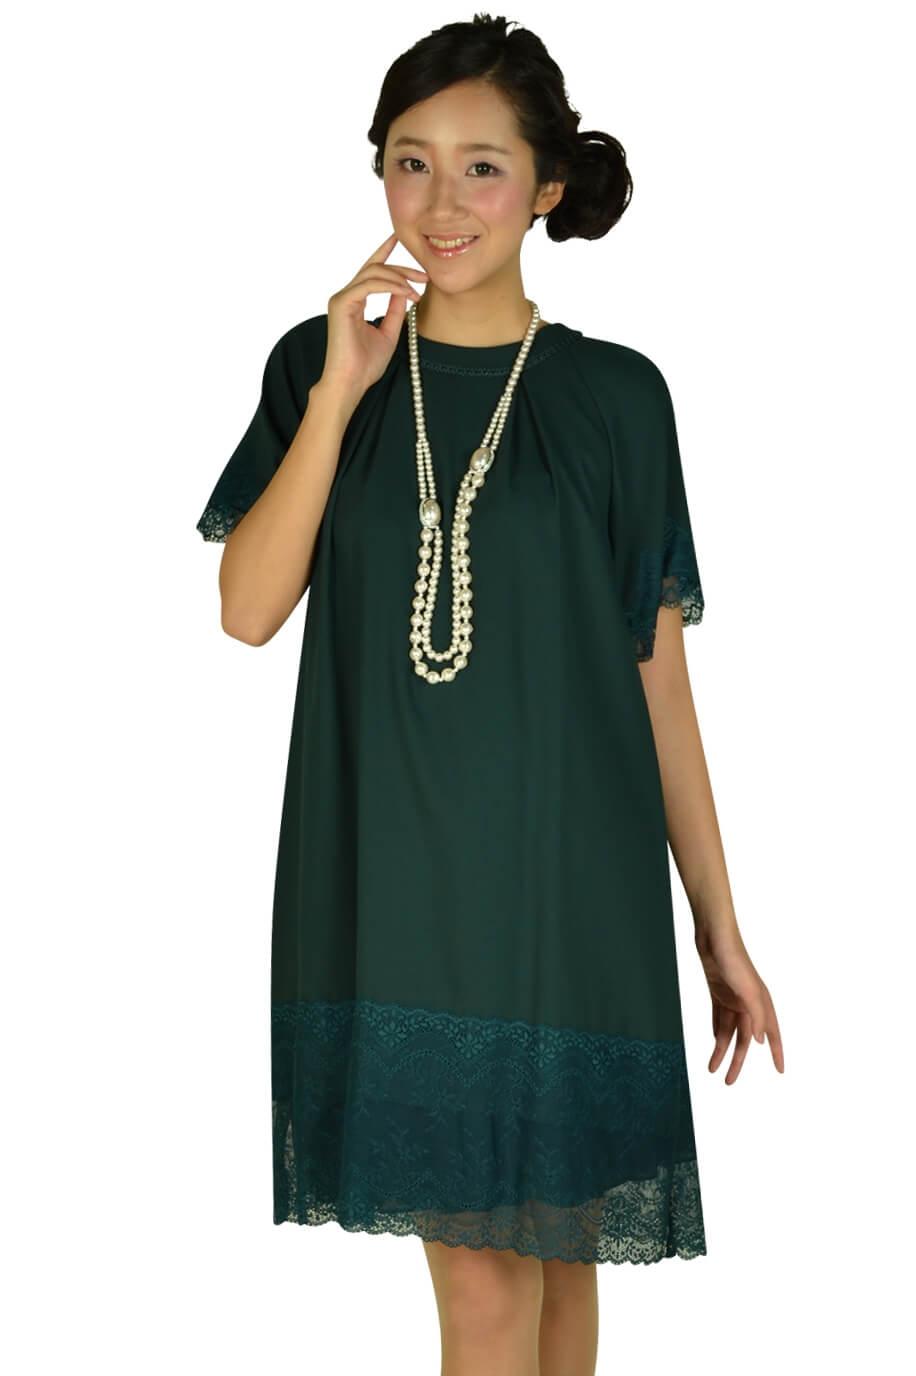 イエナ(IENA)スローブ 袖付きグリーンレースドレス